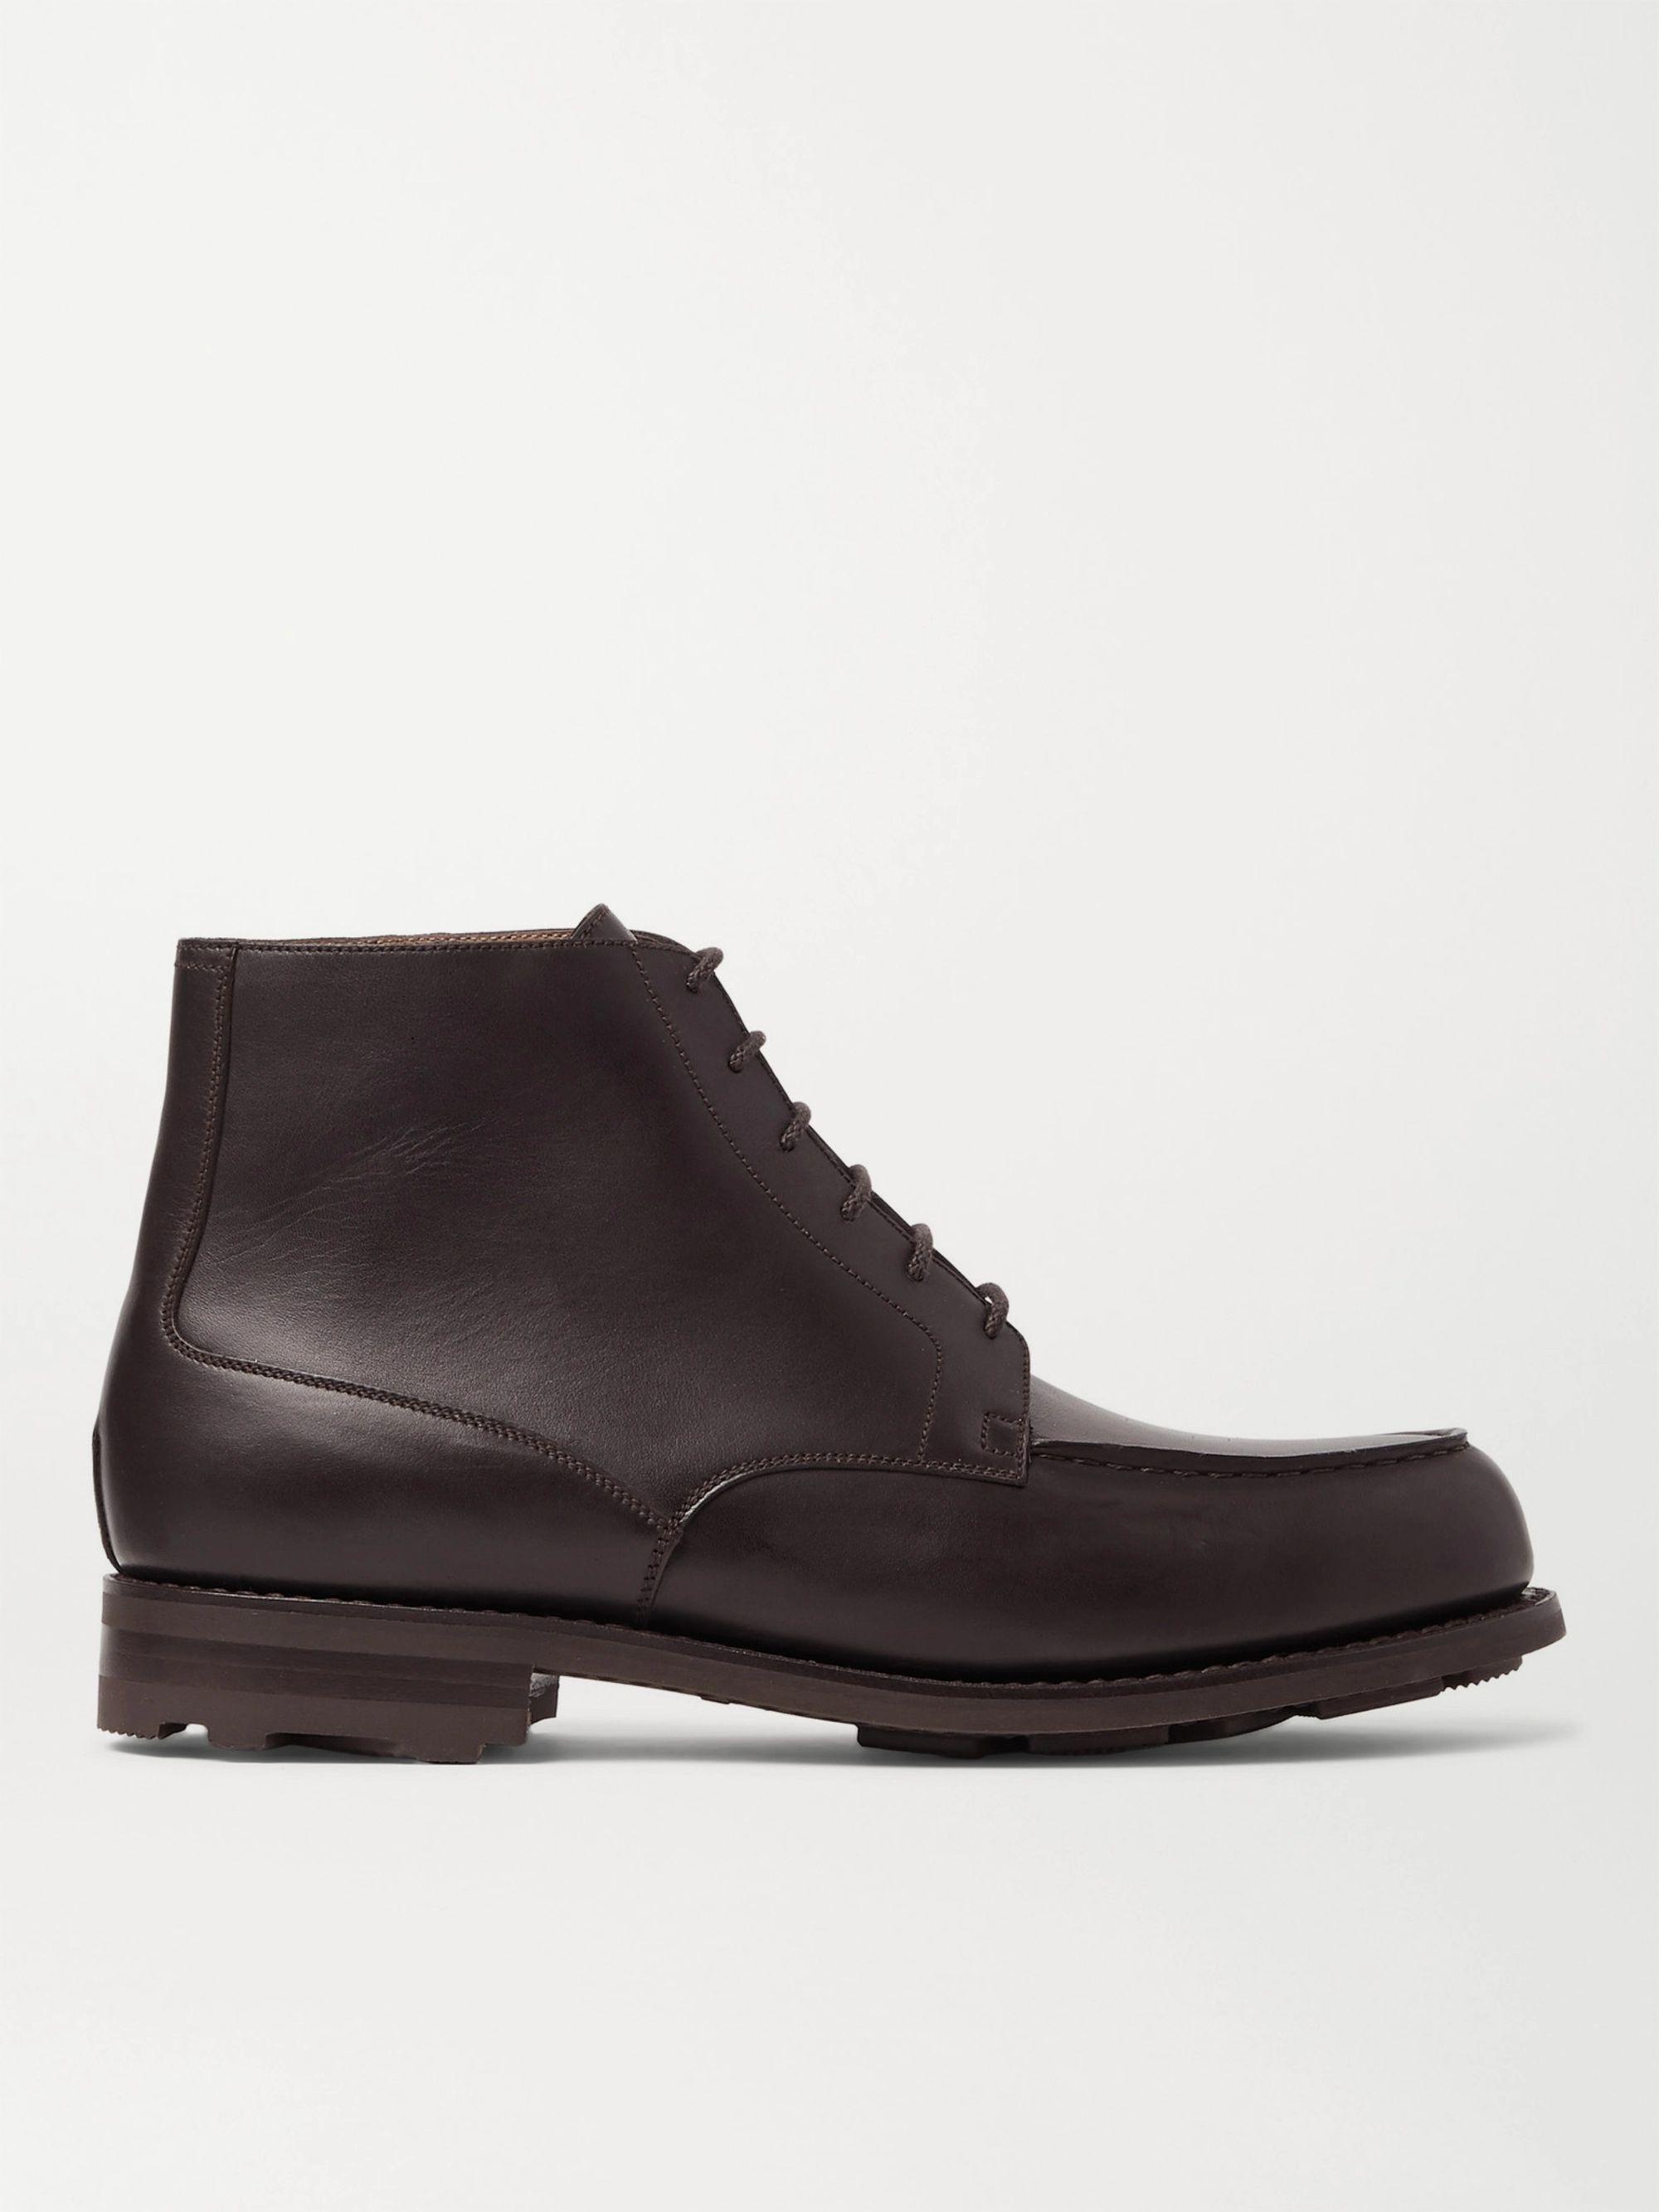 Dark Brown Leather Derby Boots   J.m. Weston